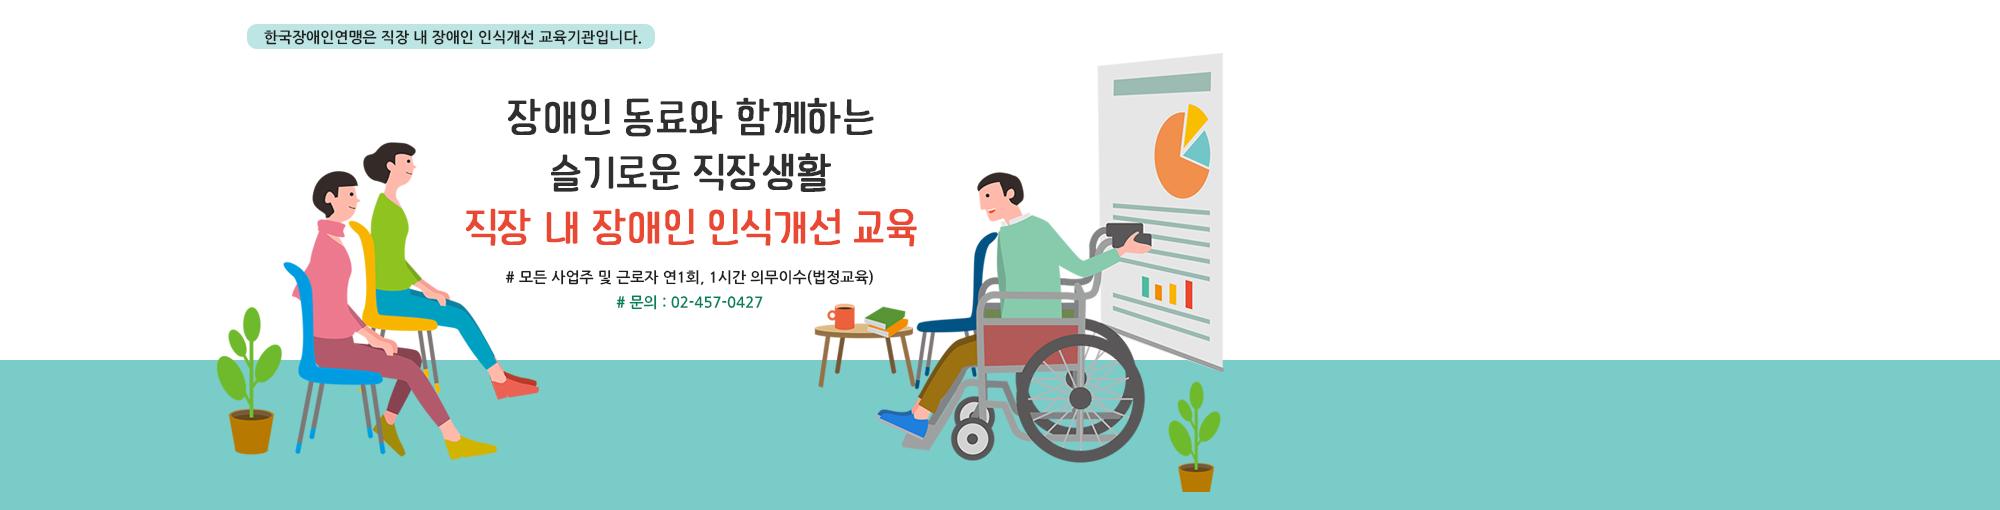 한국장애인연맹은 직장 내 장애인 인식개선 교육기관입니다. 장애인 동료와 함께하는 슬기로운 직장생활 직장 내 장애인 인식개선 교육  #모든 사업주 및 근로자 연1회, 1시간 의무이수(법정교육) #문의 : 02-457-0427